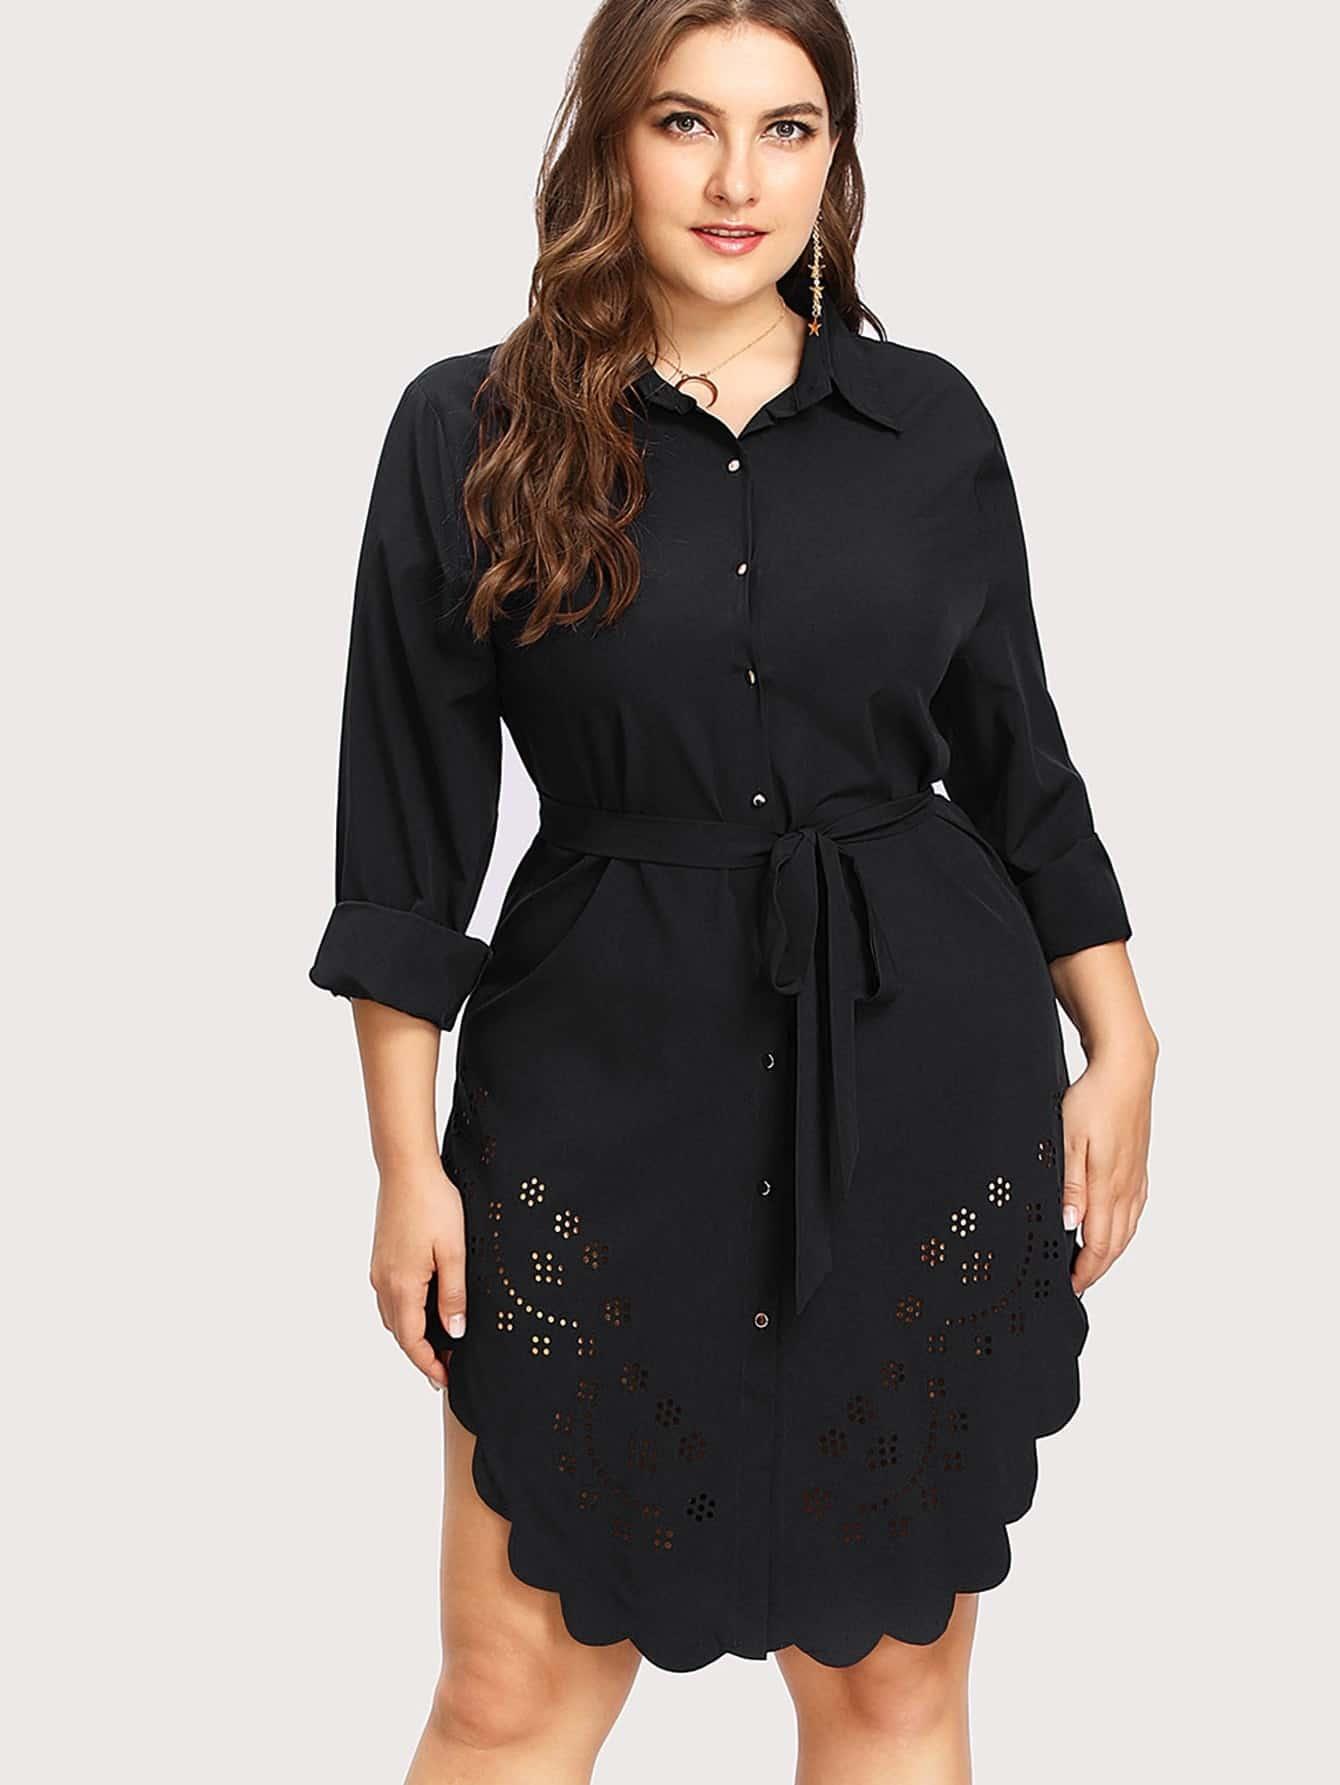 Laser Cut Scallop Hem Shirt Dress scallop laser cut form fitting dress